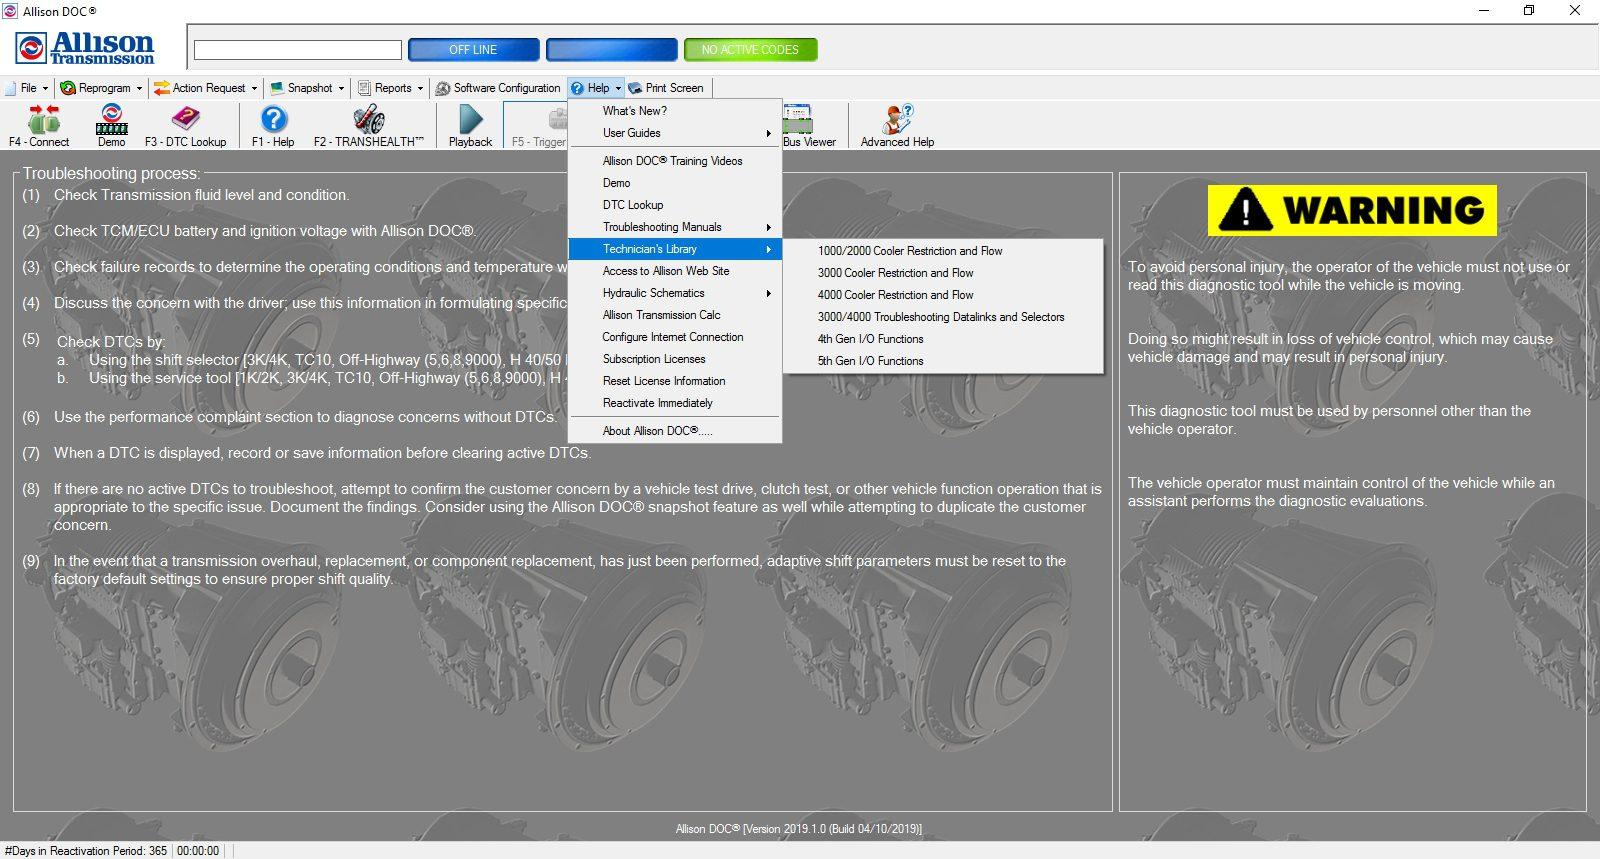 Universal_Allison_DOC_v201910_Build_042019_Transmission_Diagnostic_Software_Full_Instruction_20